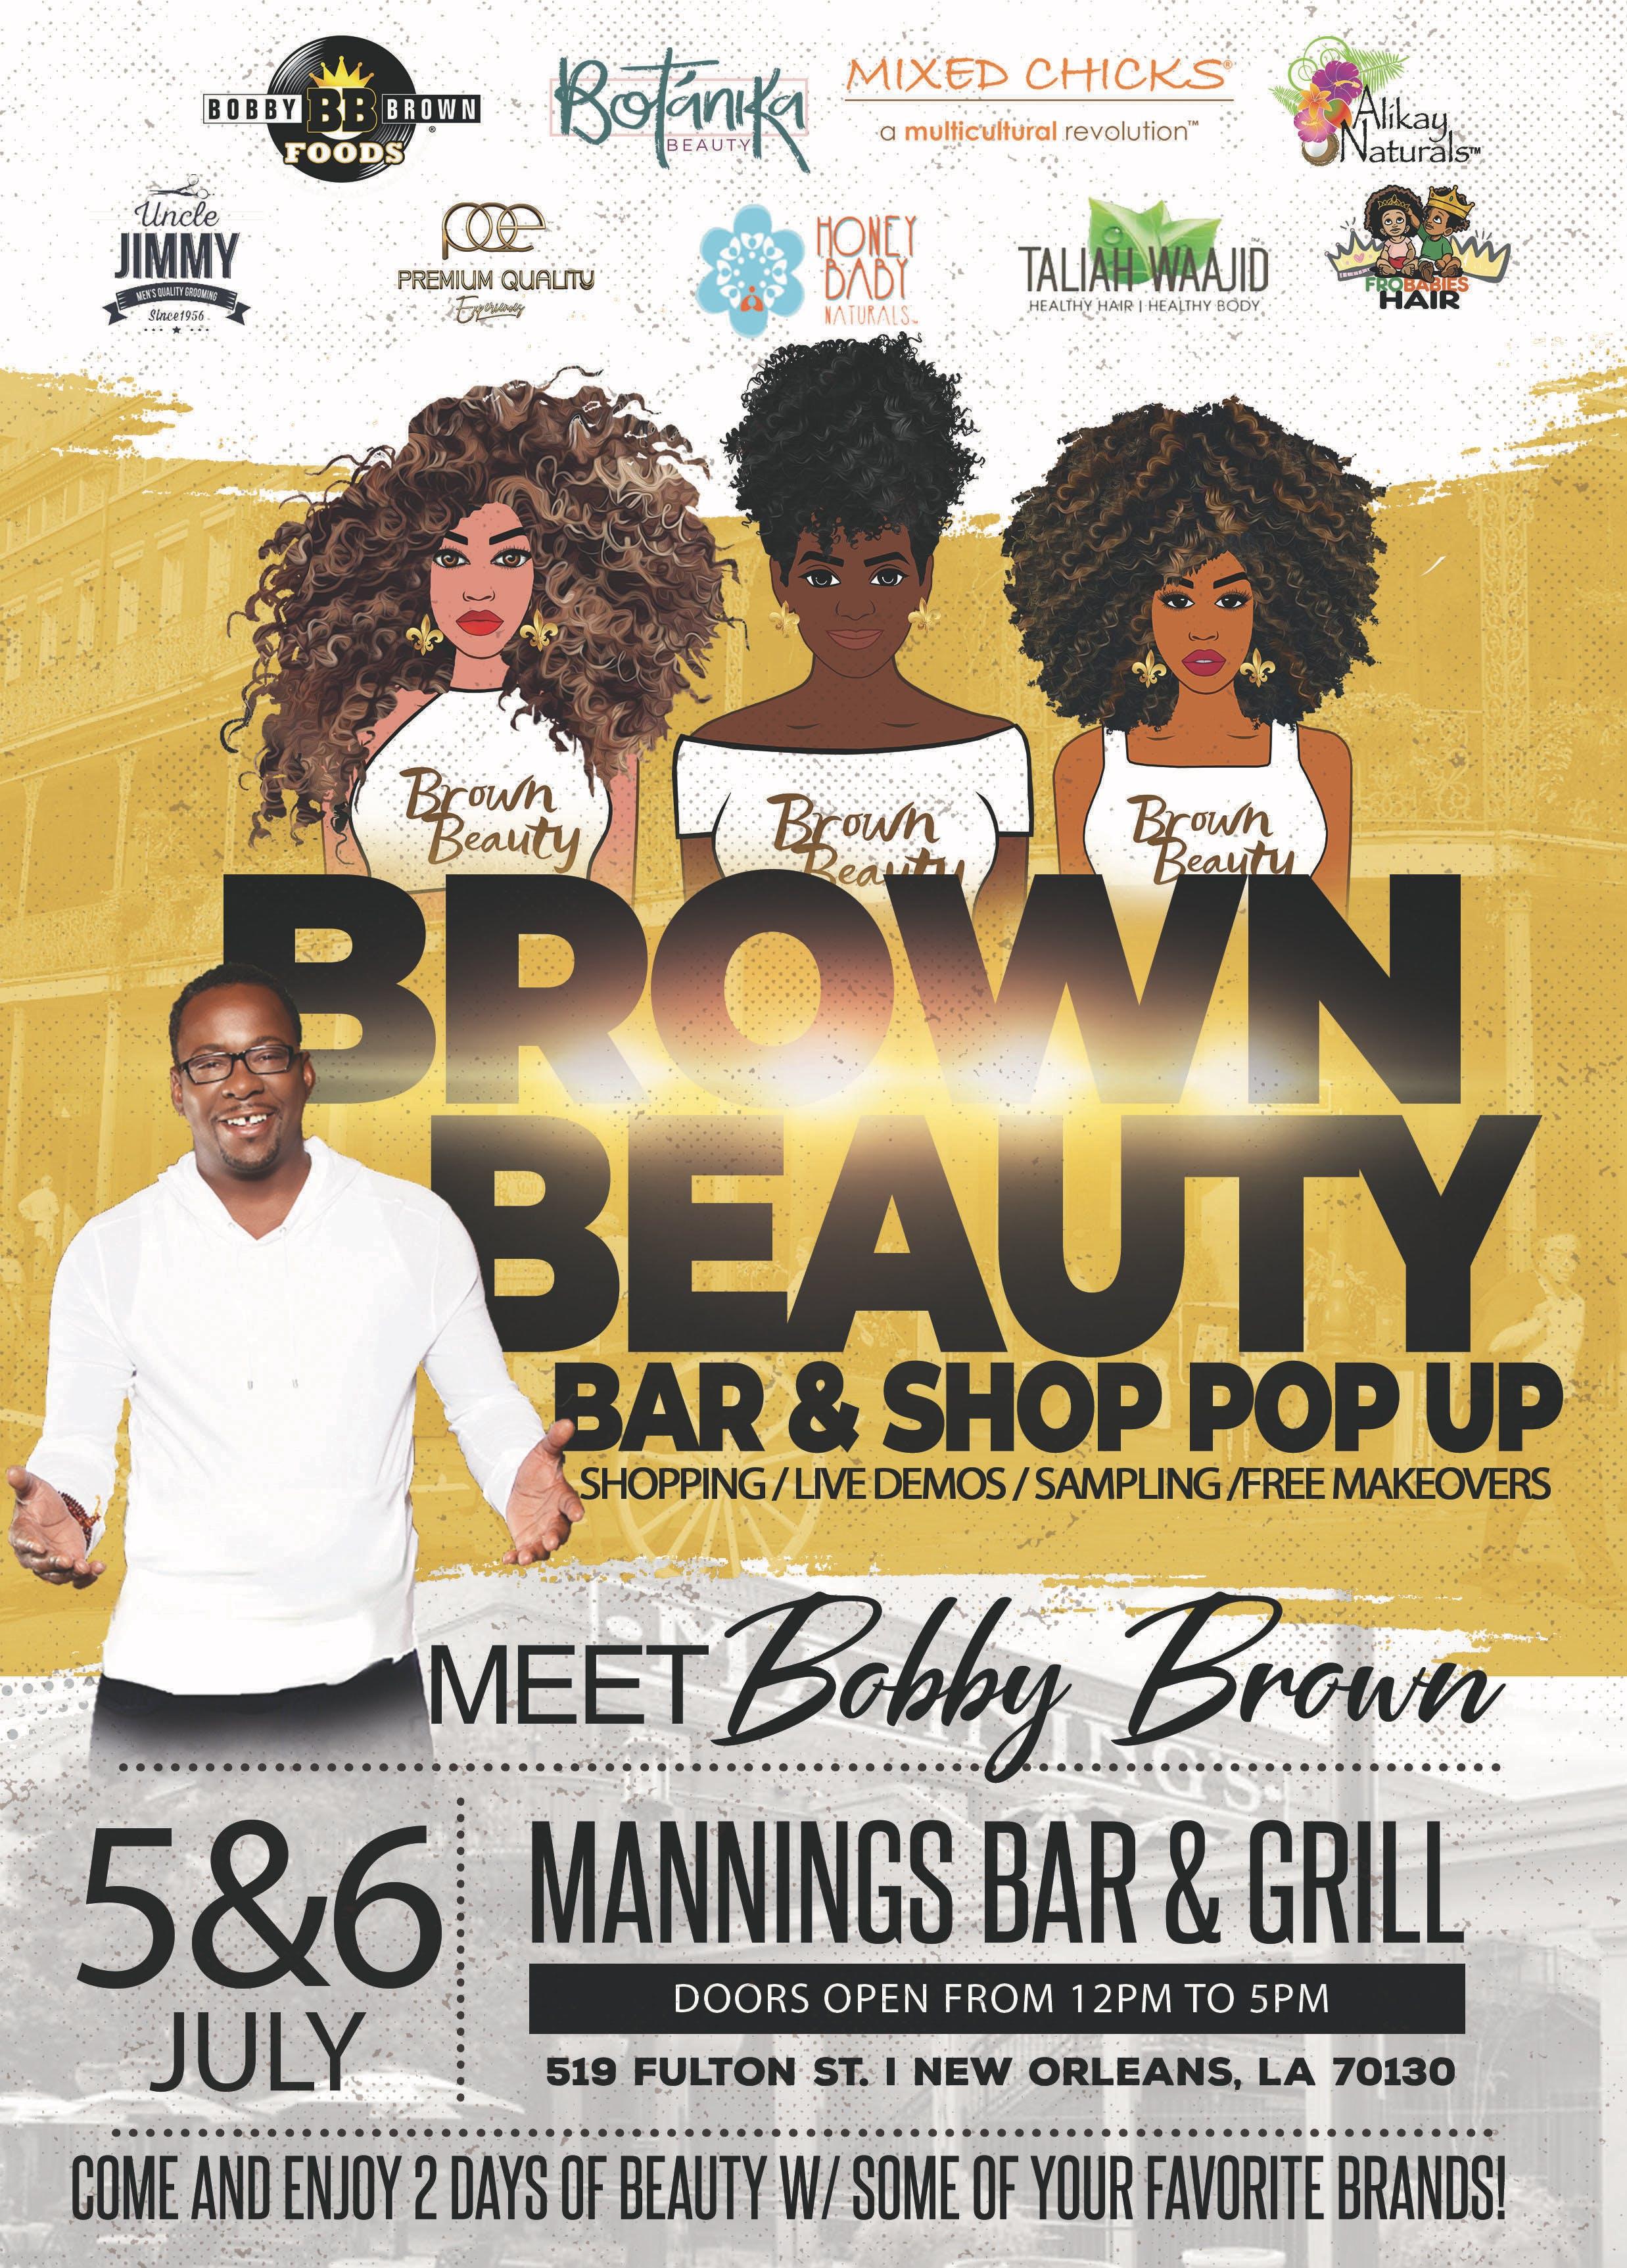 Brown Beauty Bar & Shop Pop Up, New Orleans LA - Jul 5, 2019